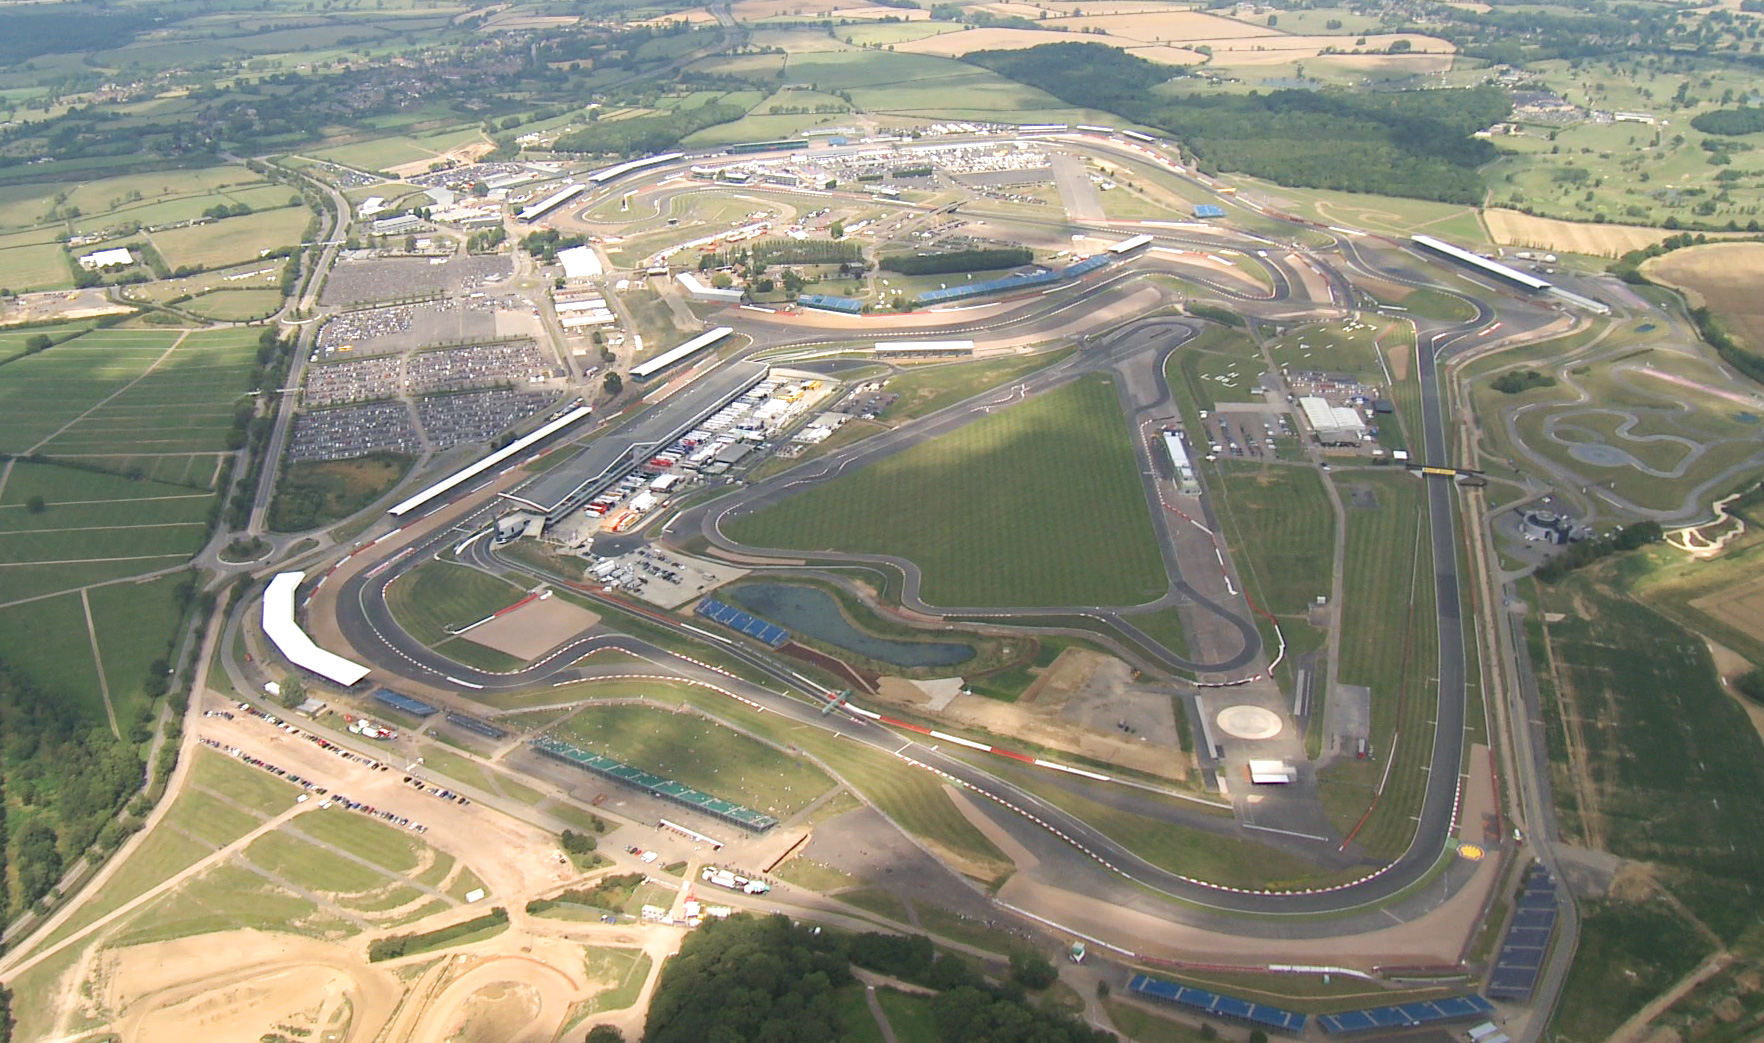 Circuito Silverstone : F tornello drs en curva en silverstone